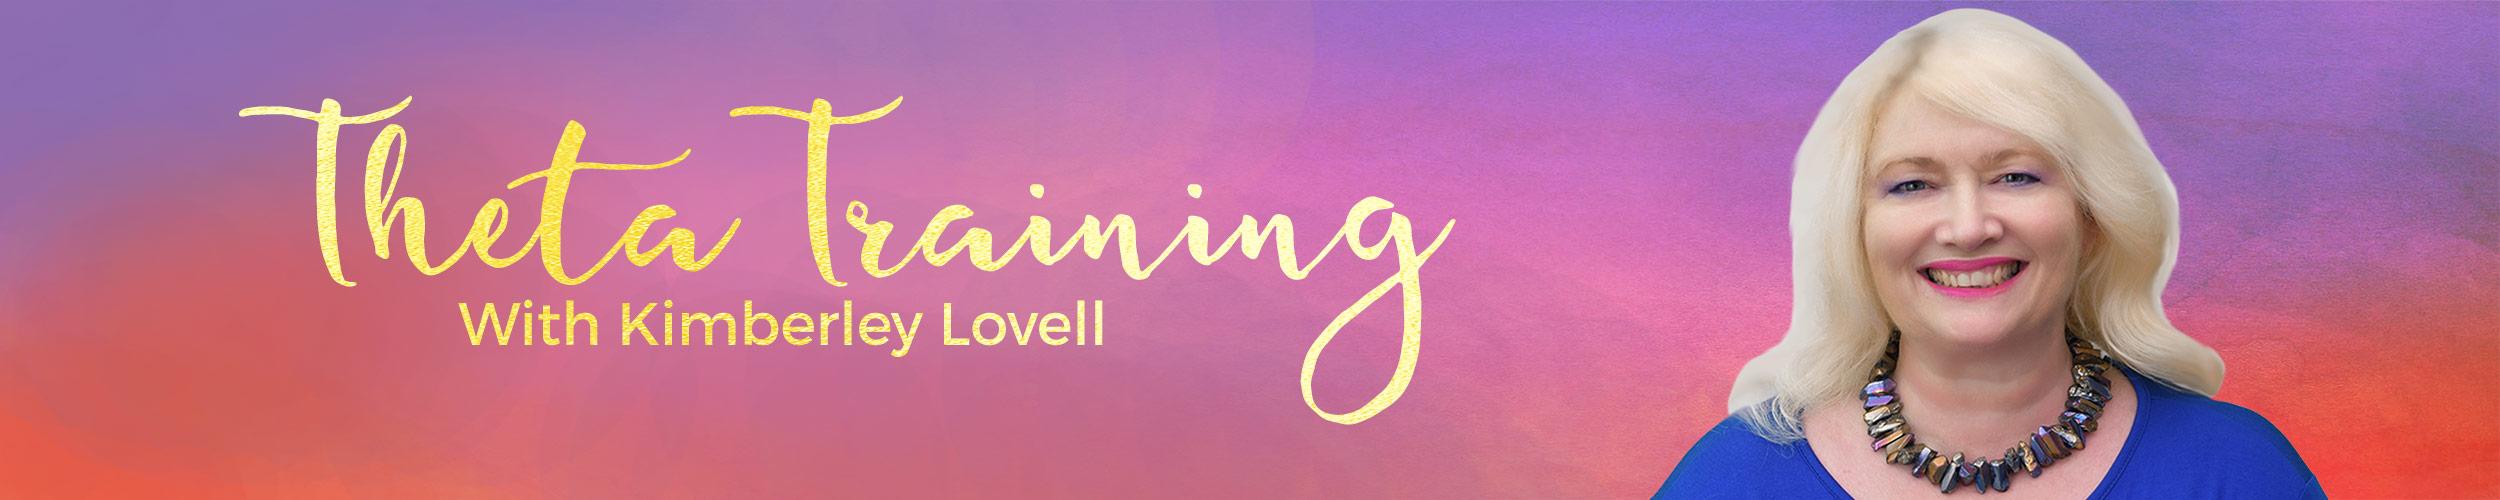 Theta Training with Kimberley Lovell